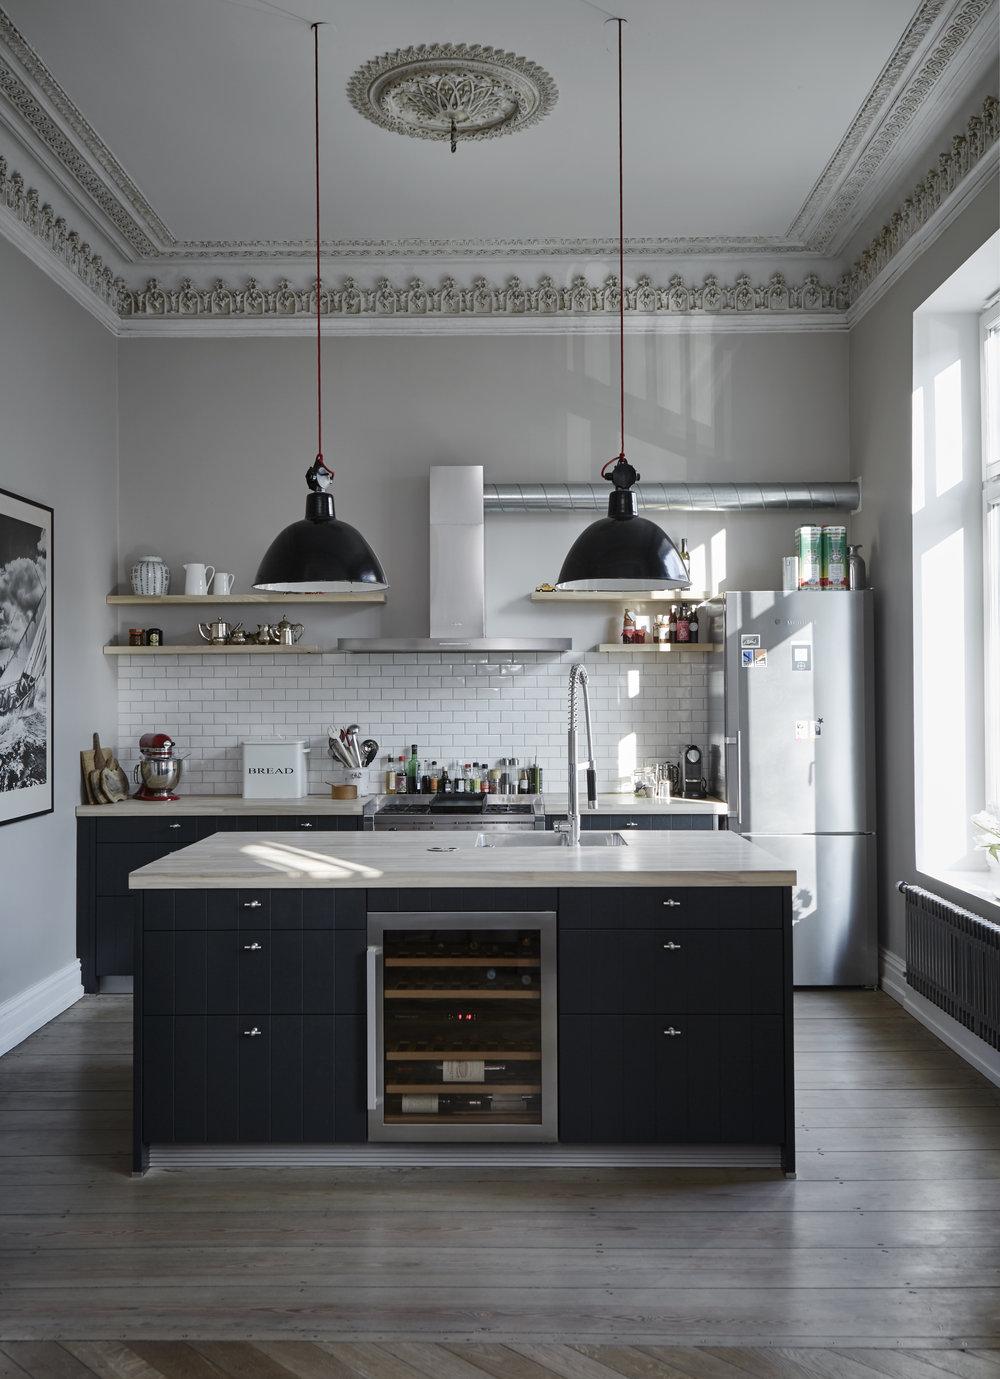 Küche+im+Industry+Stil,+Metro+Fliesen,+Metro+Tiles,+Industry+Lampen,+Küche+schwarz%2Fweiß.jpg